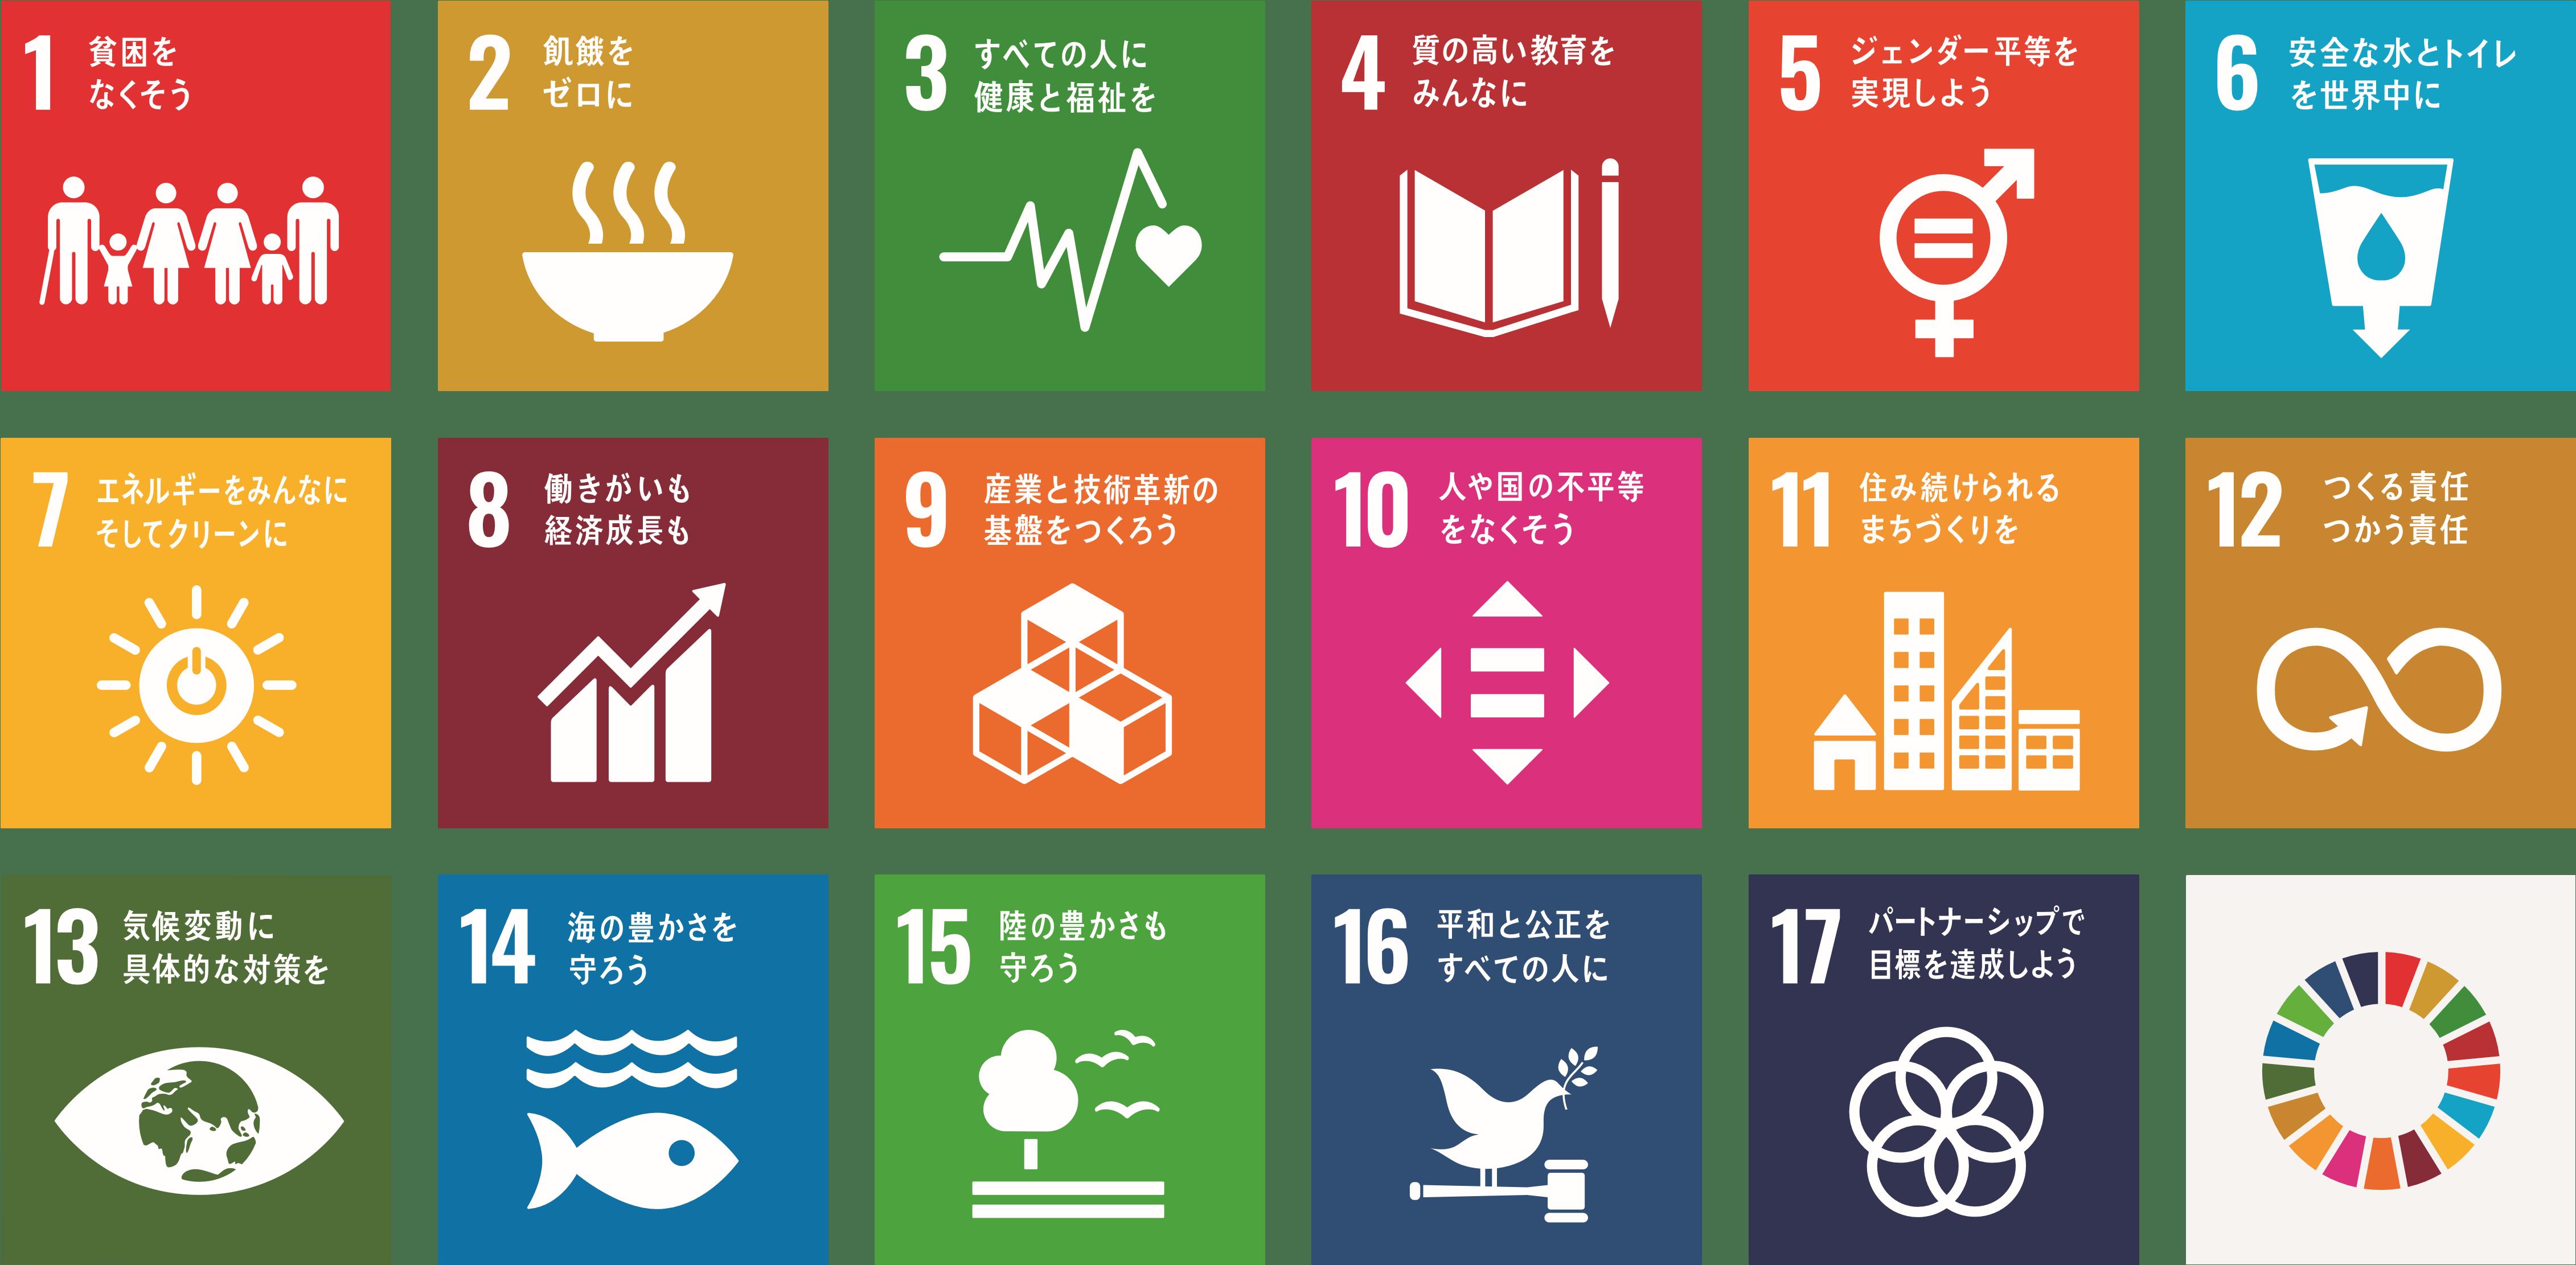 SDGsってブラック企業を潰して労基法守らせたら大体達成できるって話